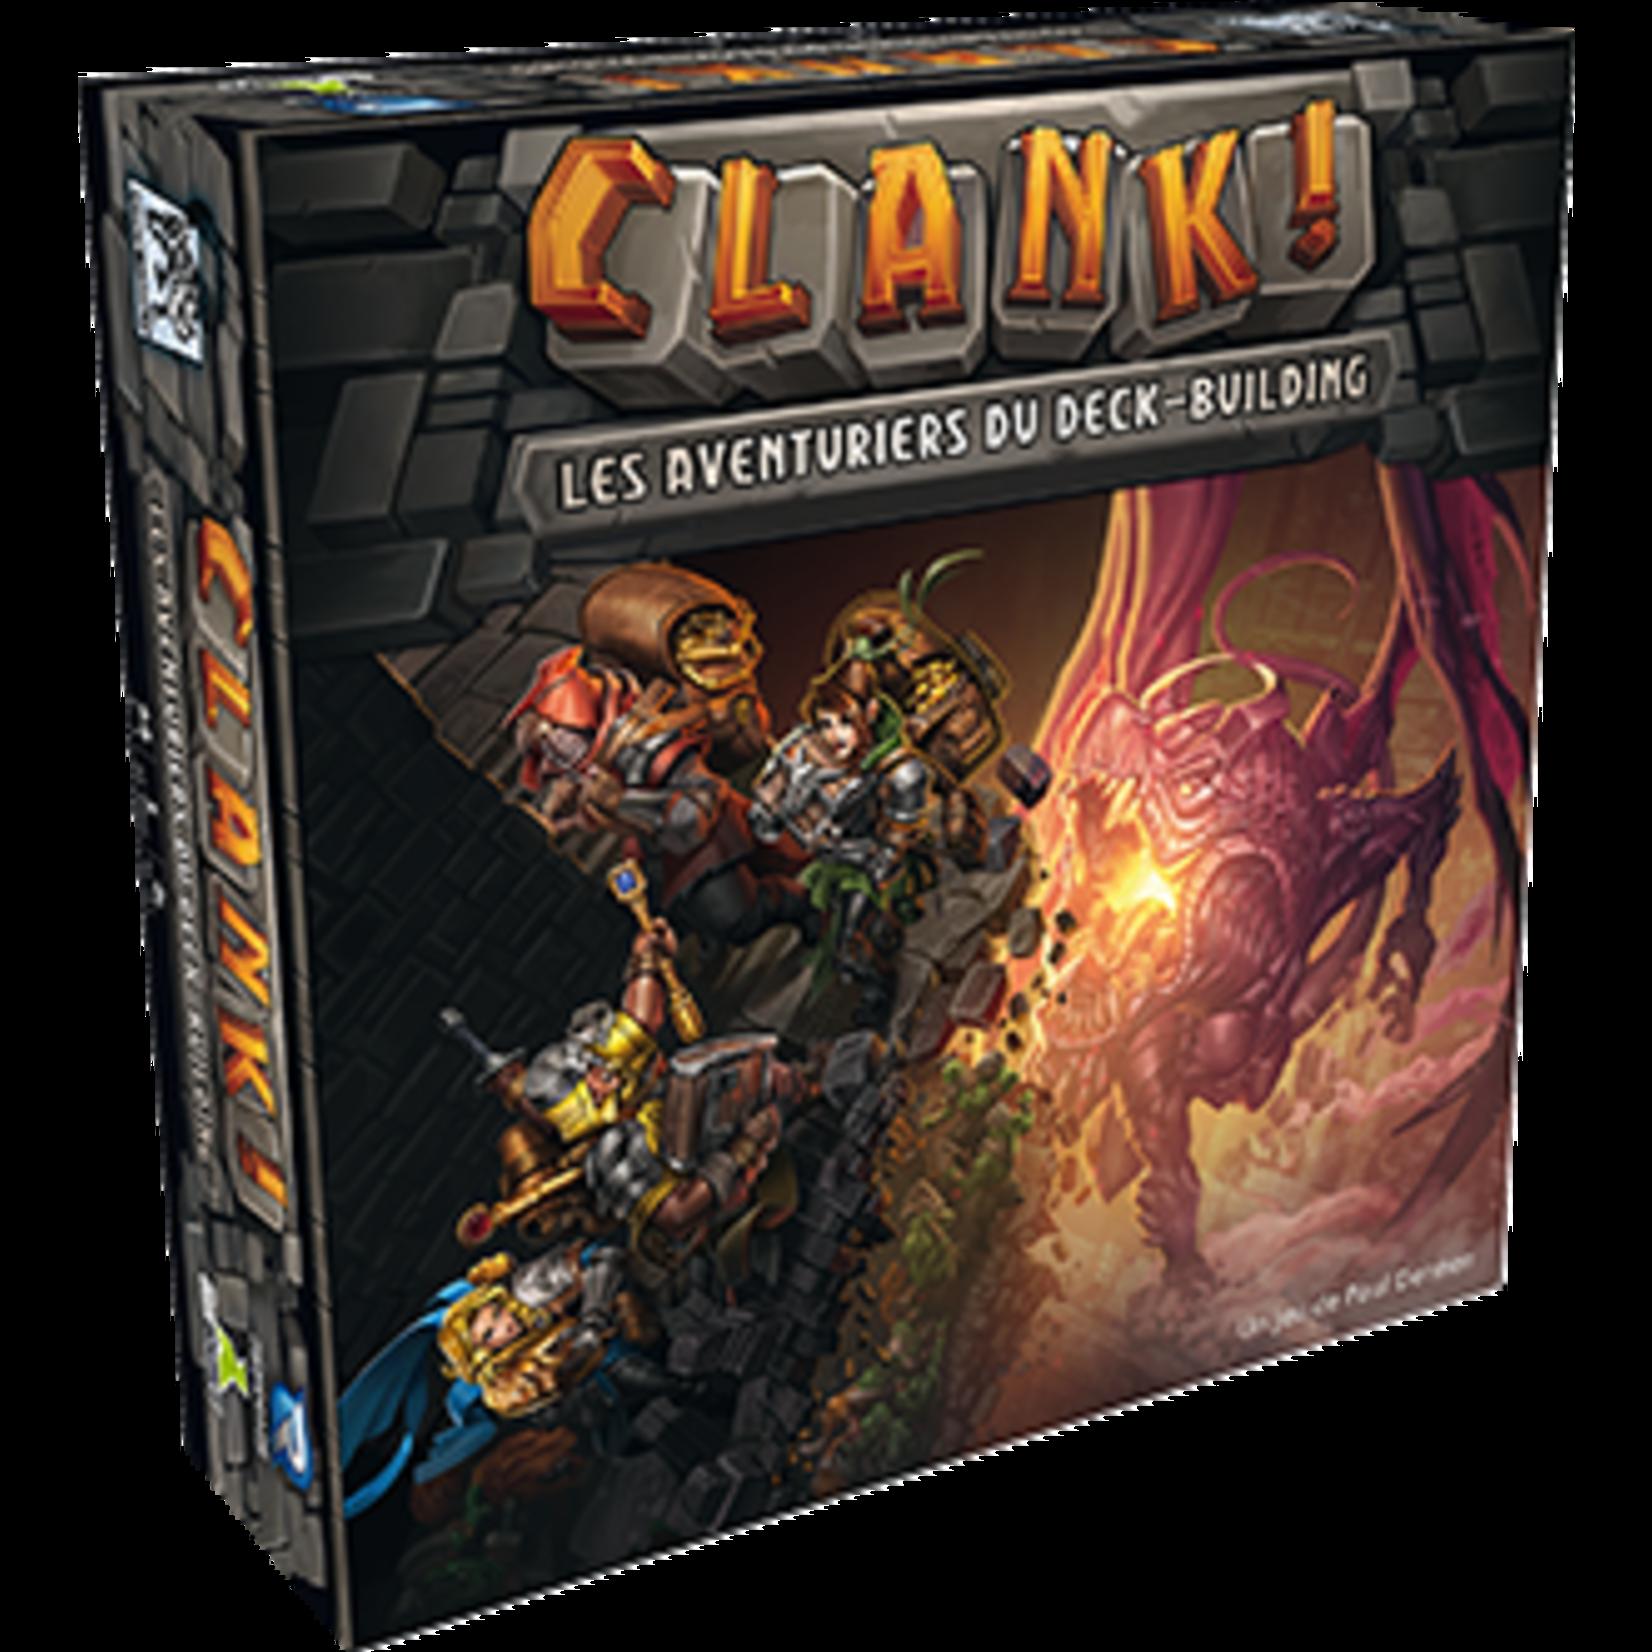 Renegade Clank : Les aventuriers du Deck-building (Fr)